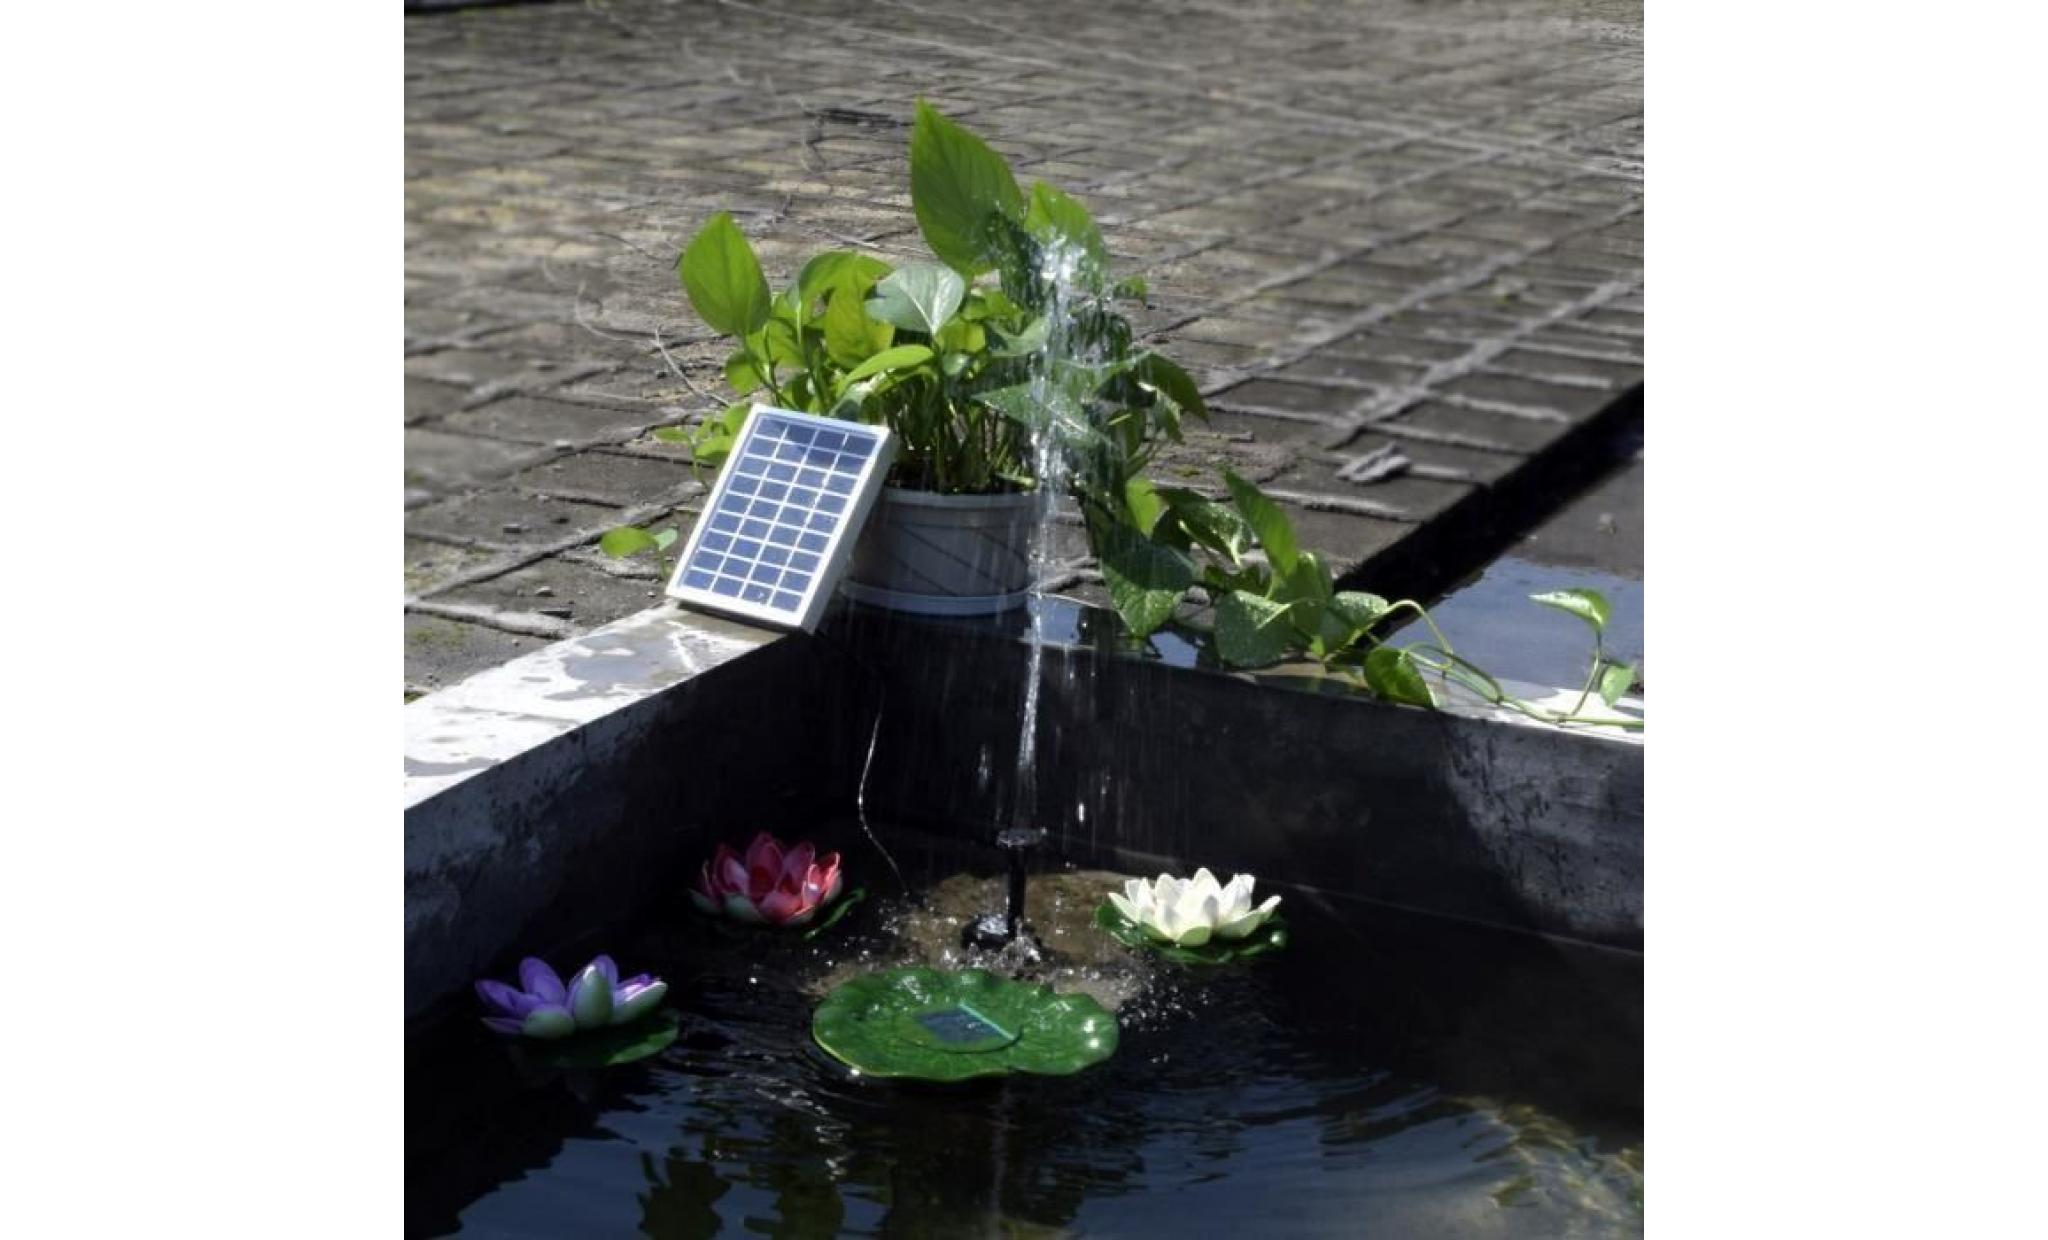 kit pompe solaire pour bassin de jardin avec panneau solaire 2w achat vente decoration de. Black Bedroom Furniture Sets. Home Design Ideas